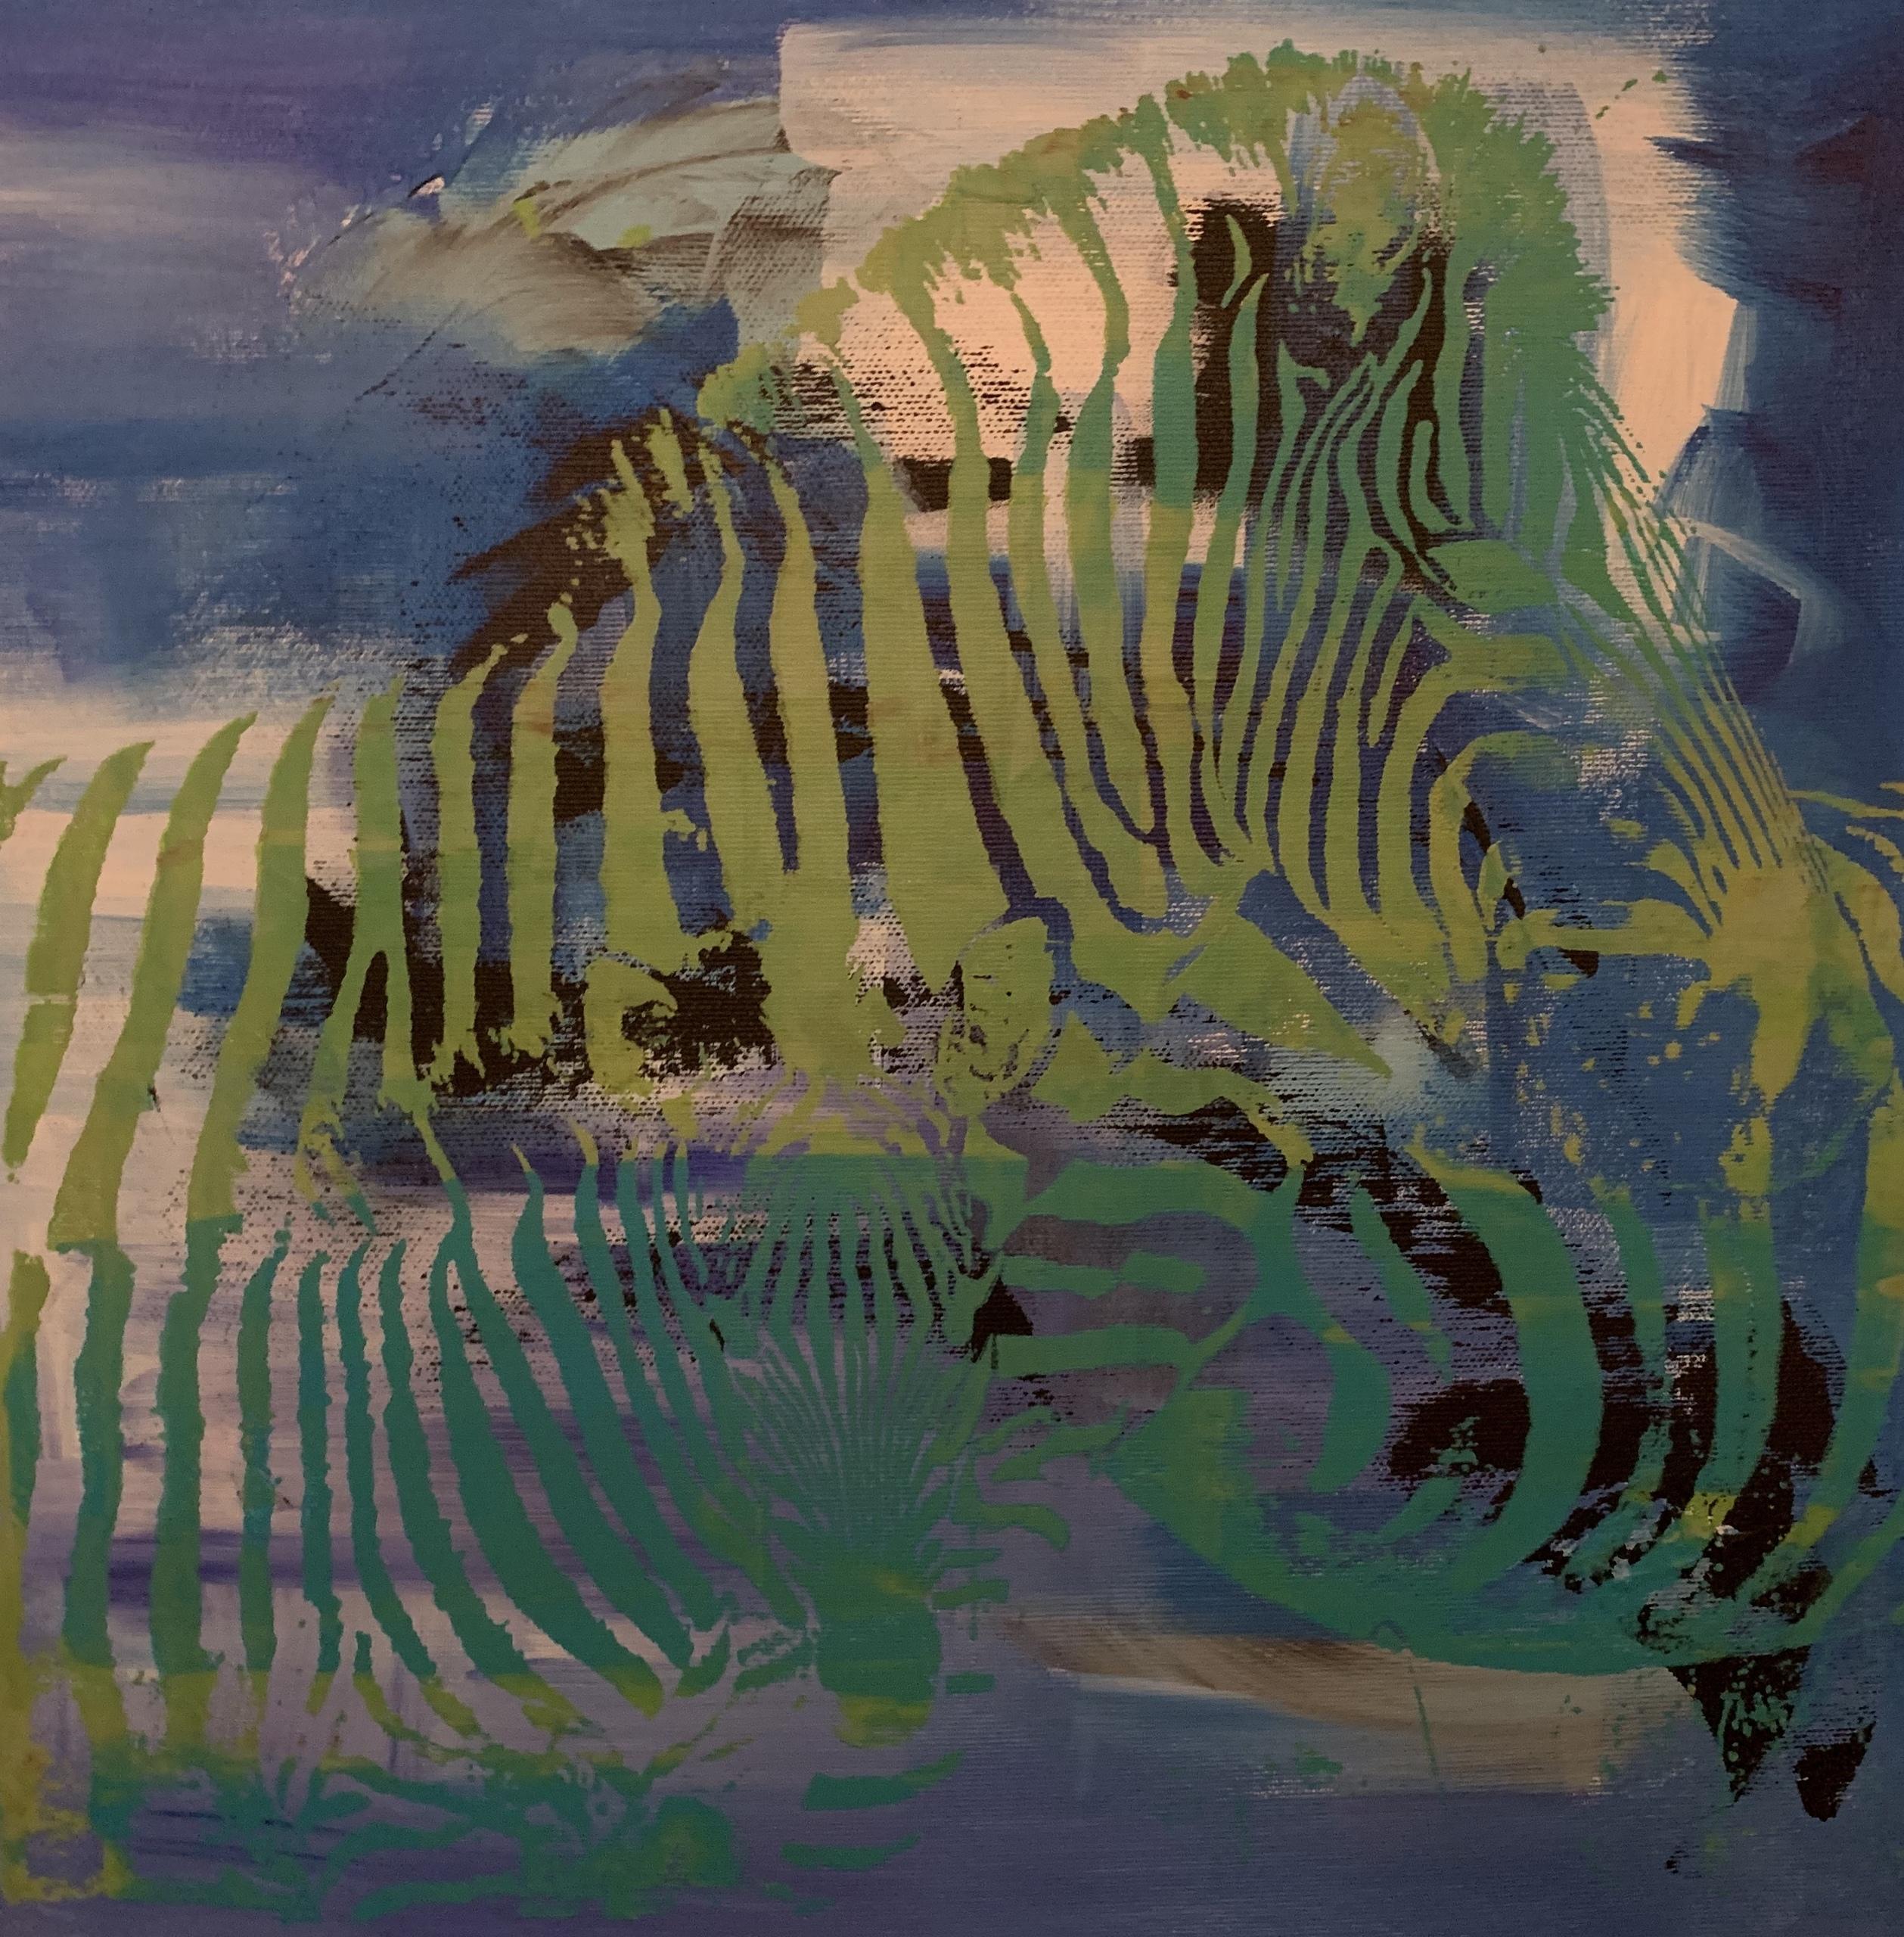 Et luftigt og spændende værk, hvor zebra og skyer går i et.